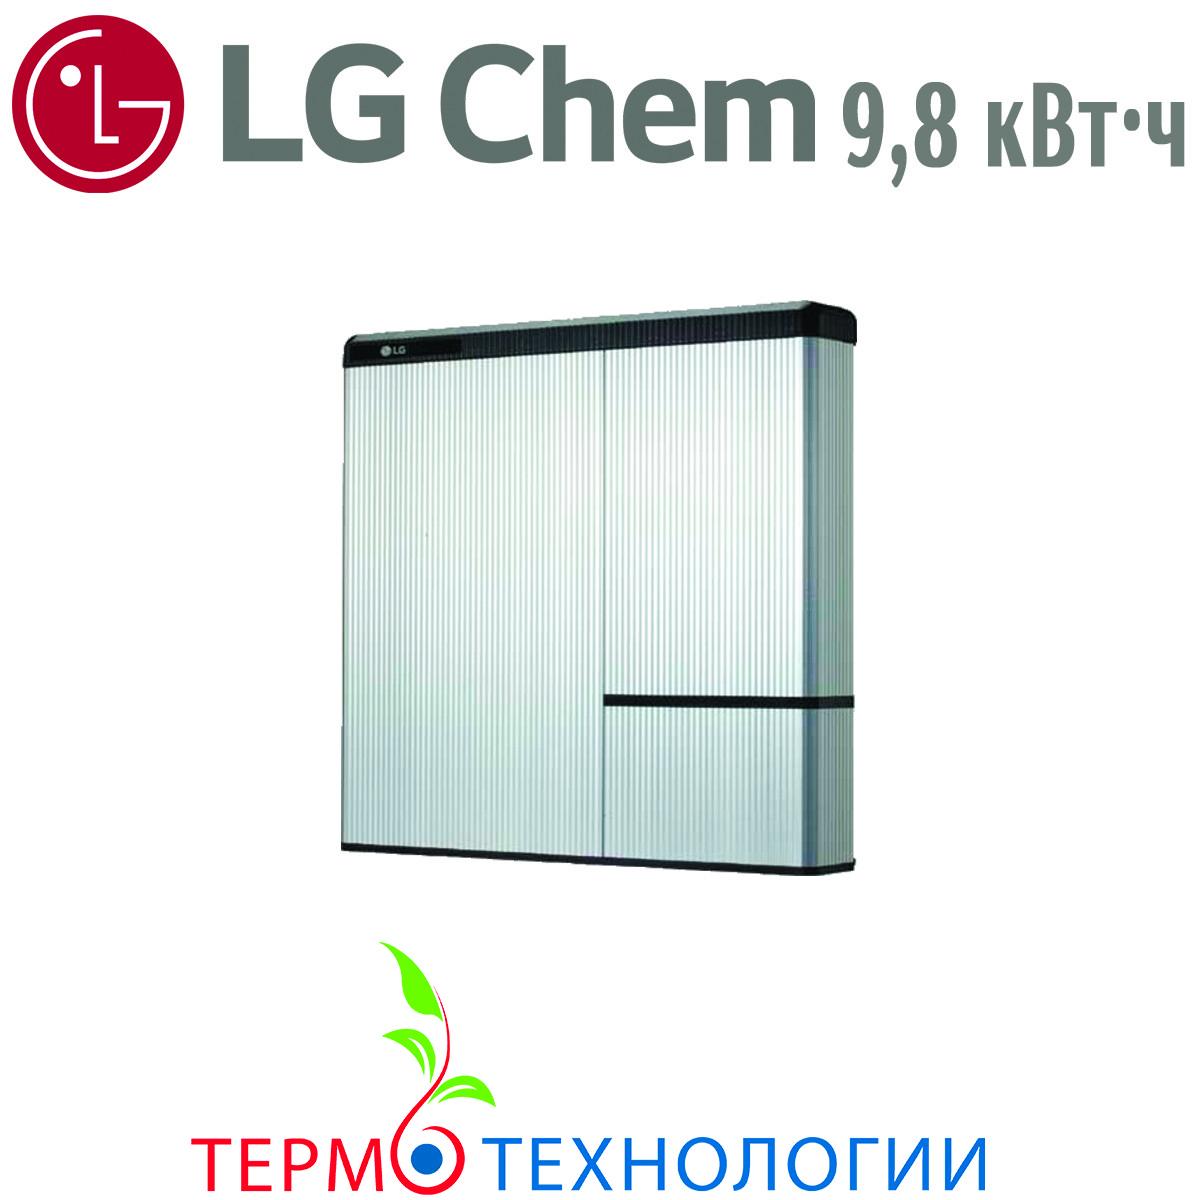 Литий-ионные аккумуляторы LG Chem RESU 9,8 кВт*ч для инвертора SolarEdge